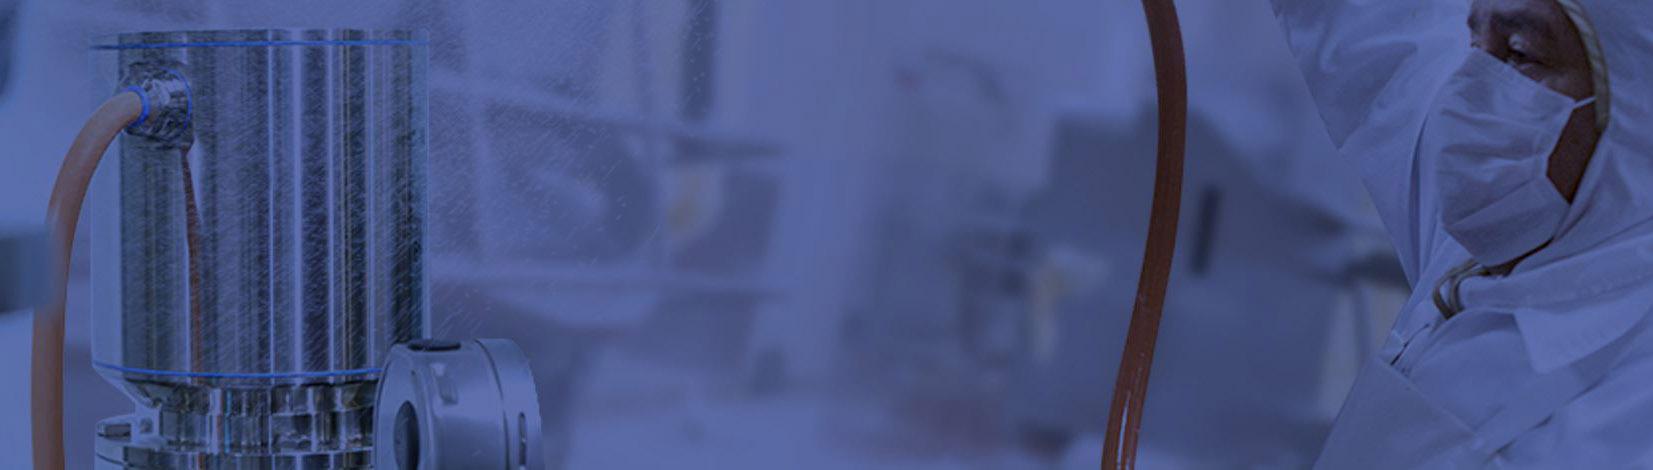 Sob o microscópio: o que procurar no design higiênico de máquinas